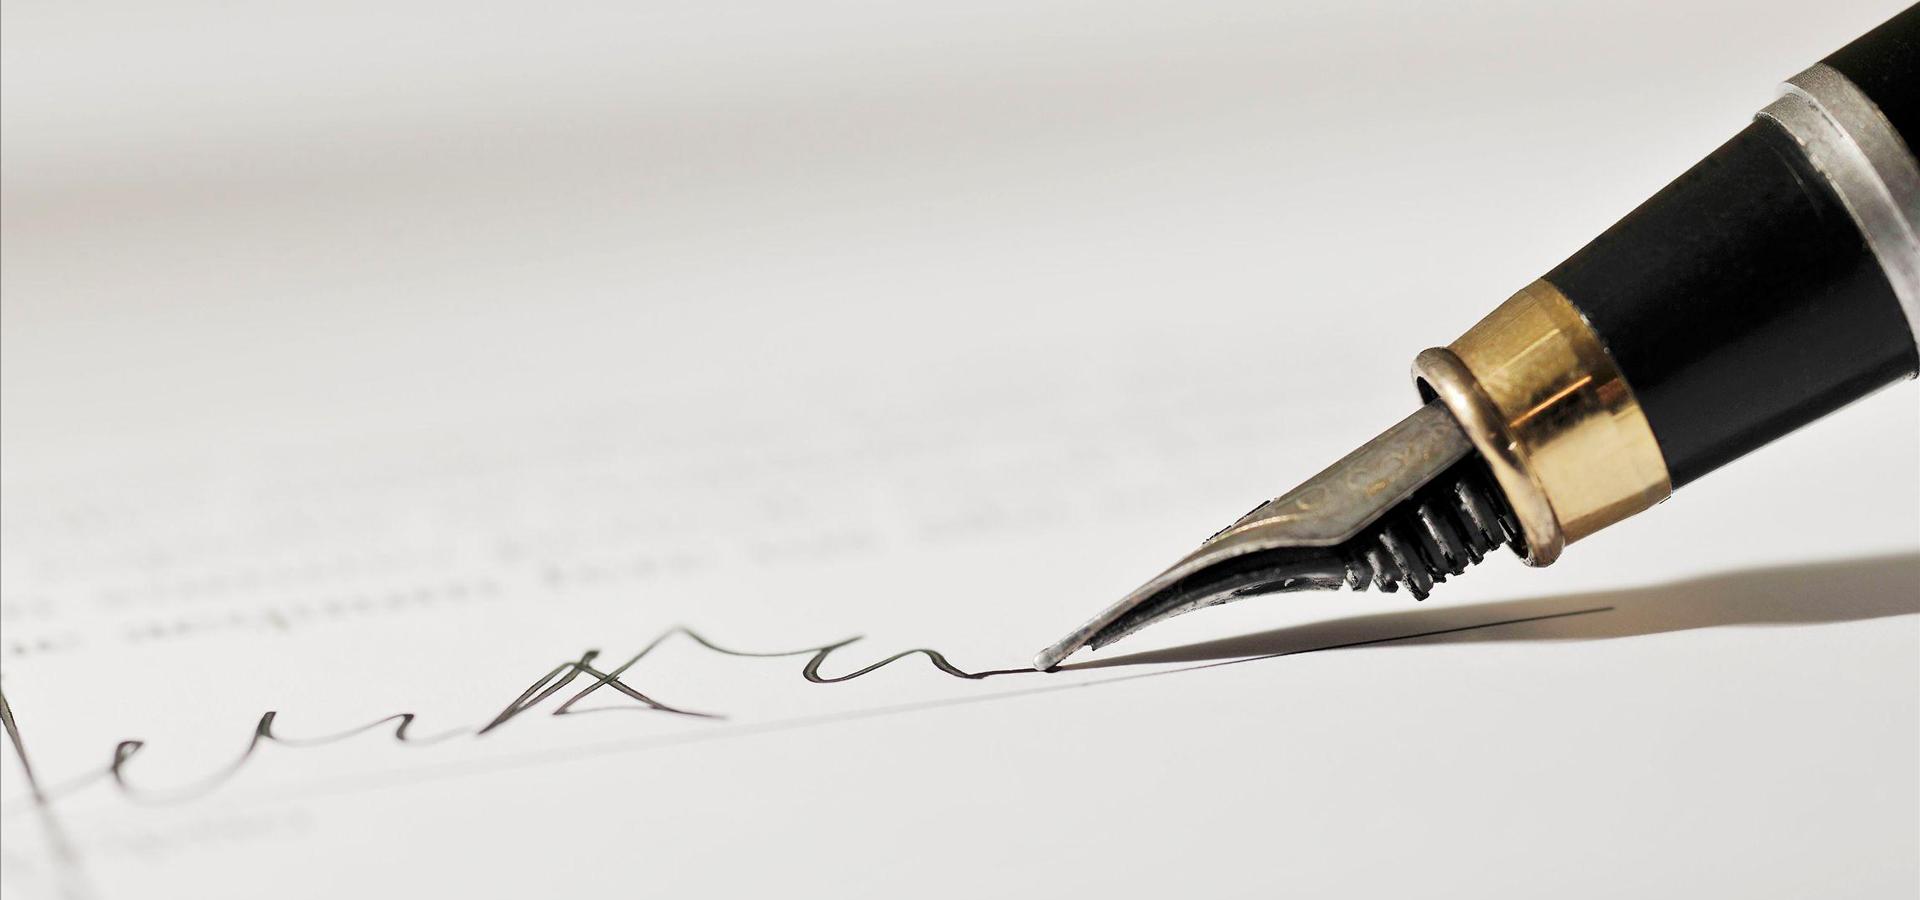 quill stylo  u00e9crit  u00e0 mettre en  u0153uvre oiseau contexte plume